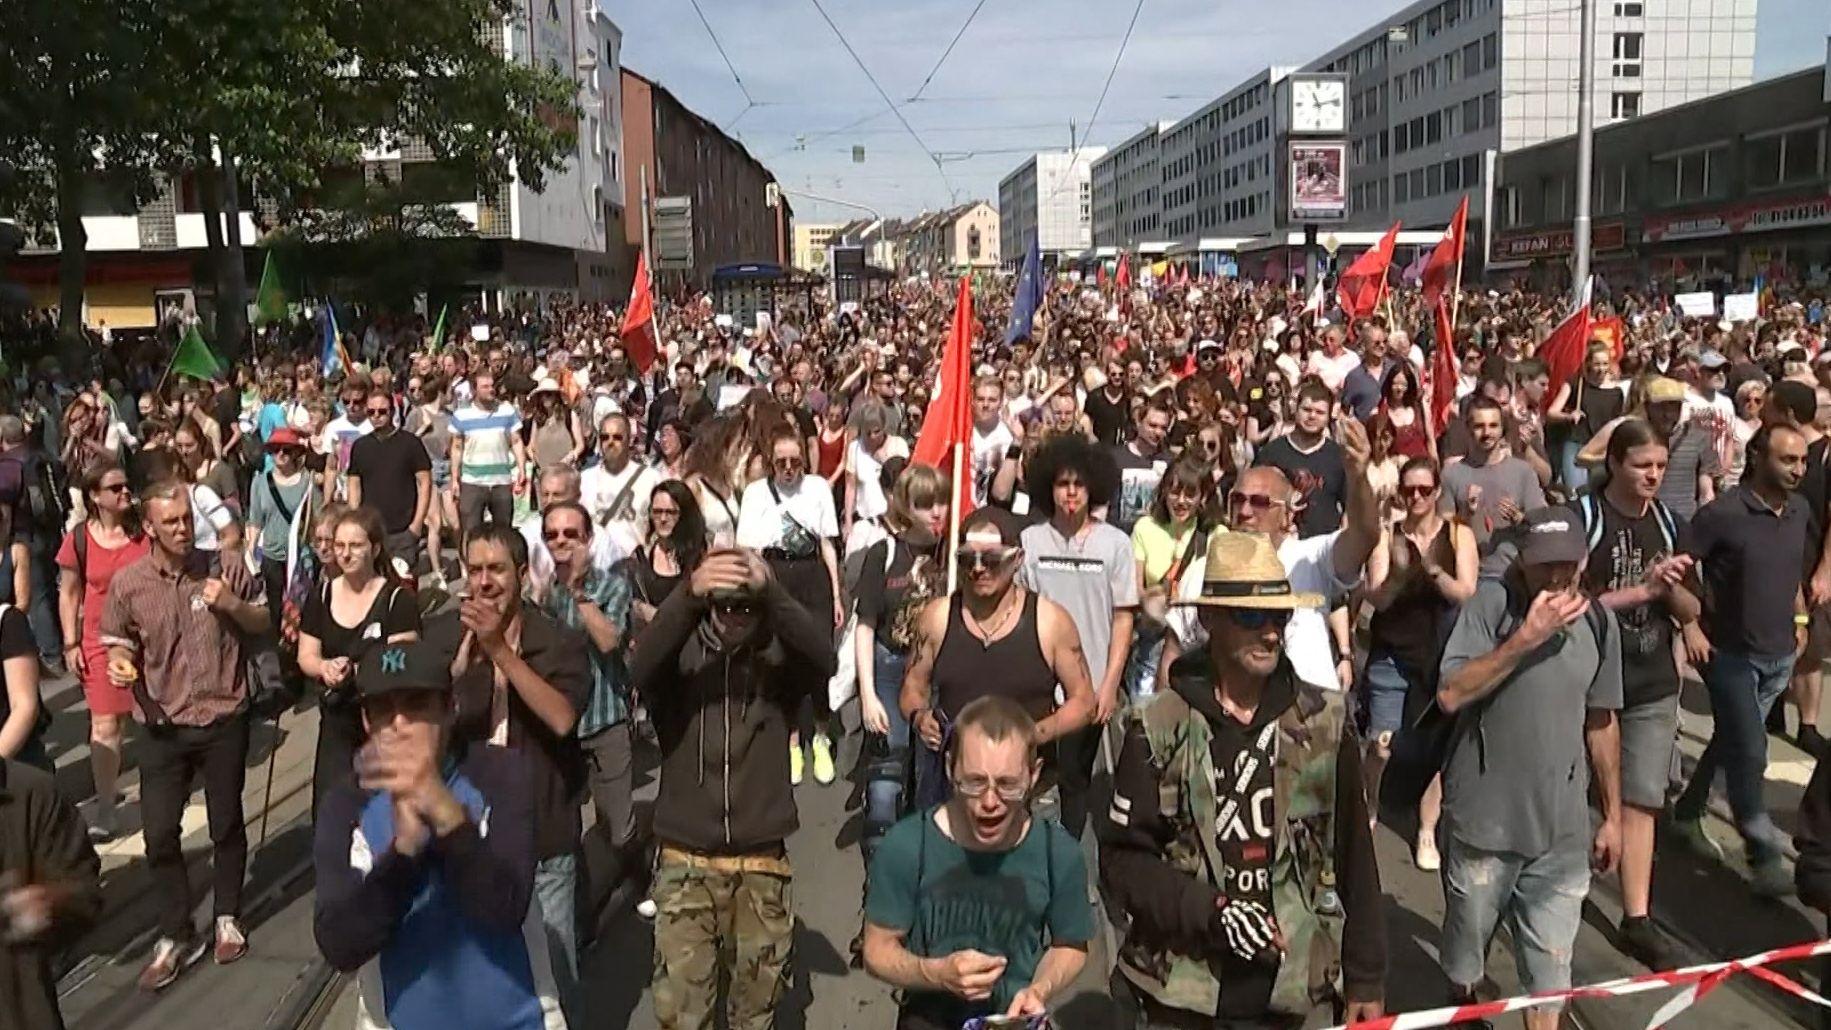 Demo in Kassel